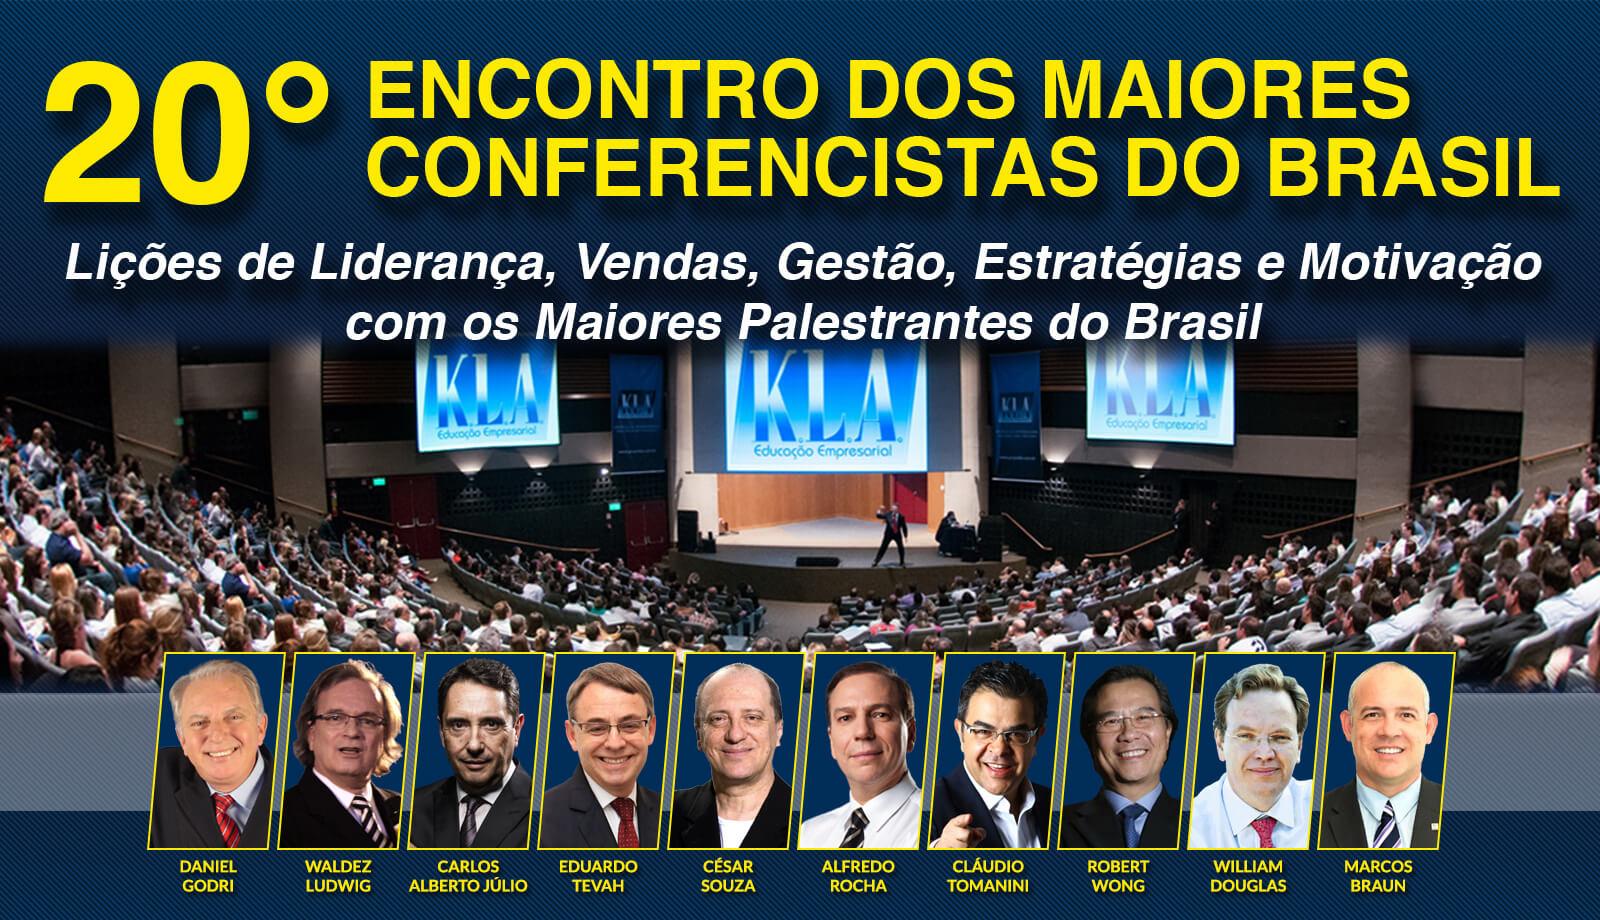 20º Encontro Dos Maiores Conferencistas Do Brasil